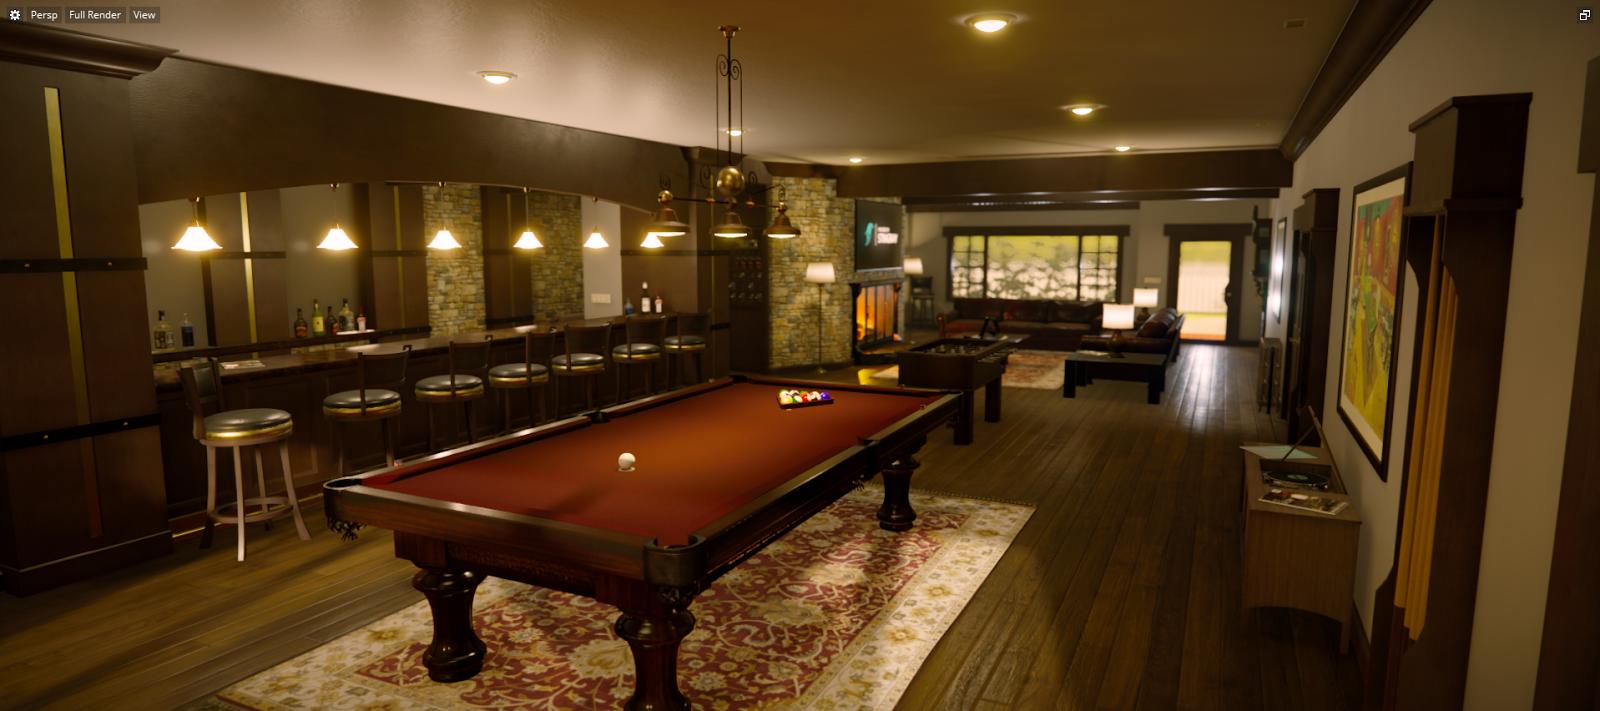 Bitsquid Development Blog The Poolroom